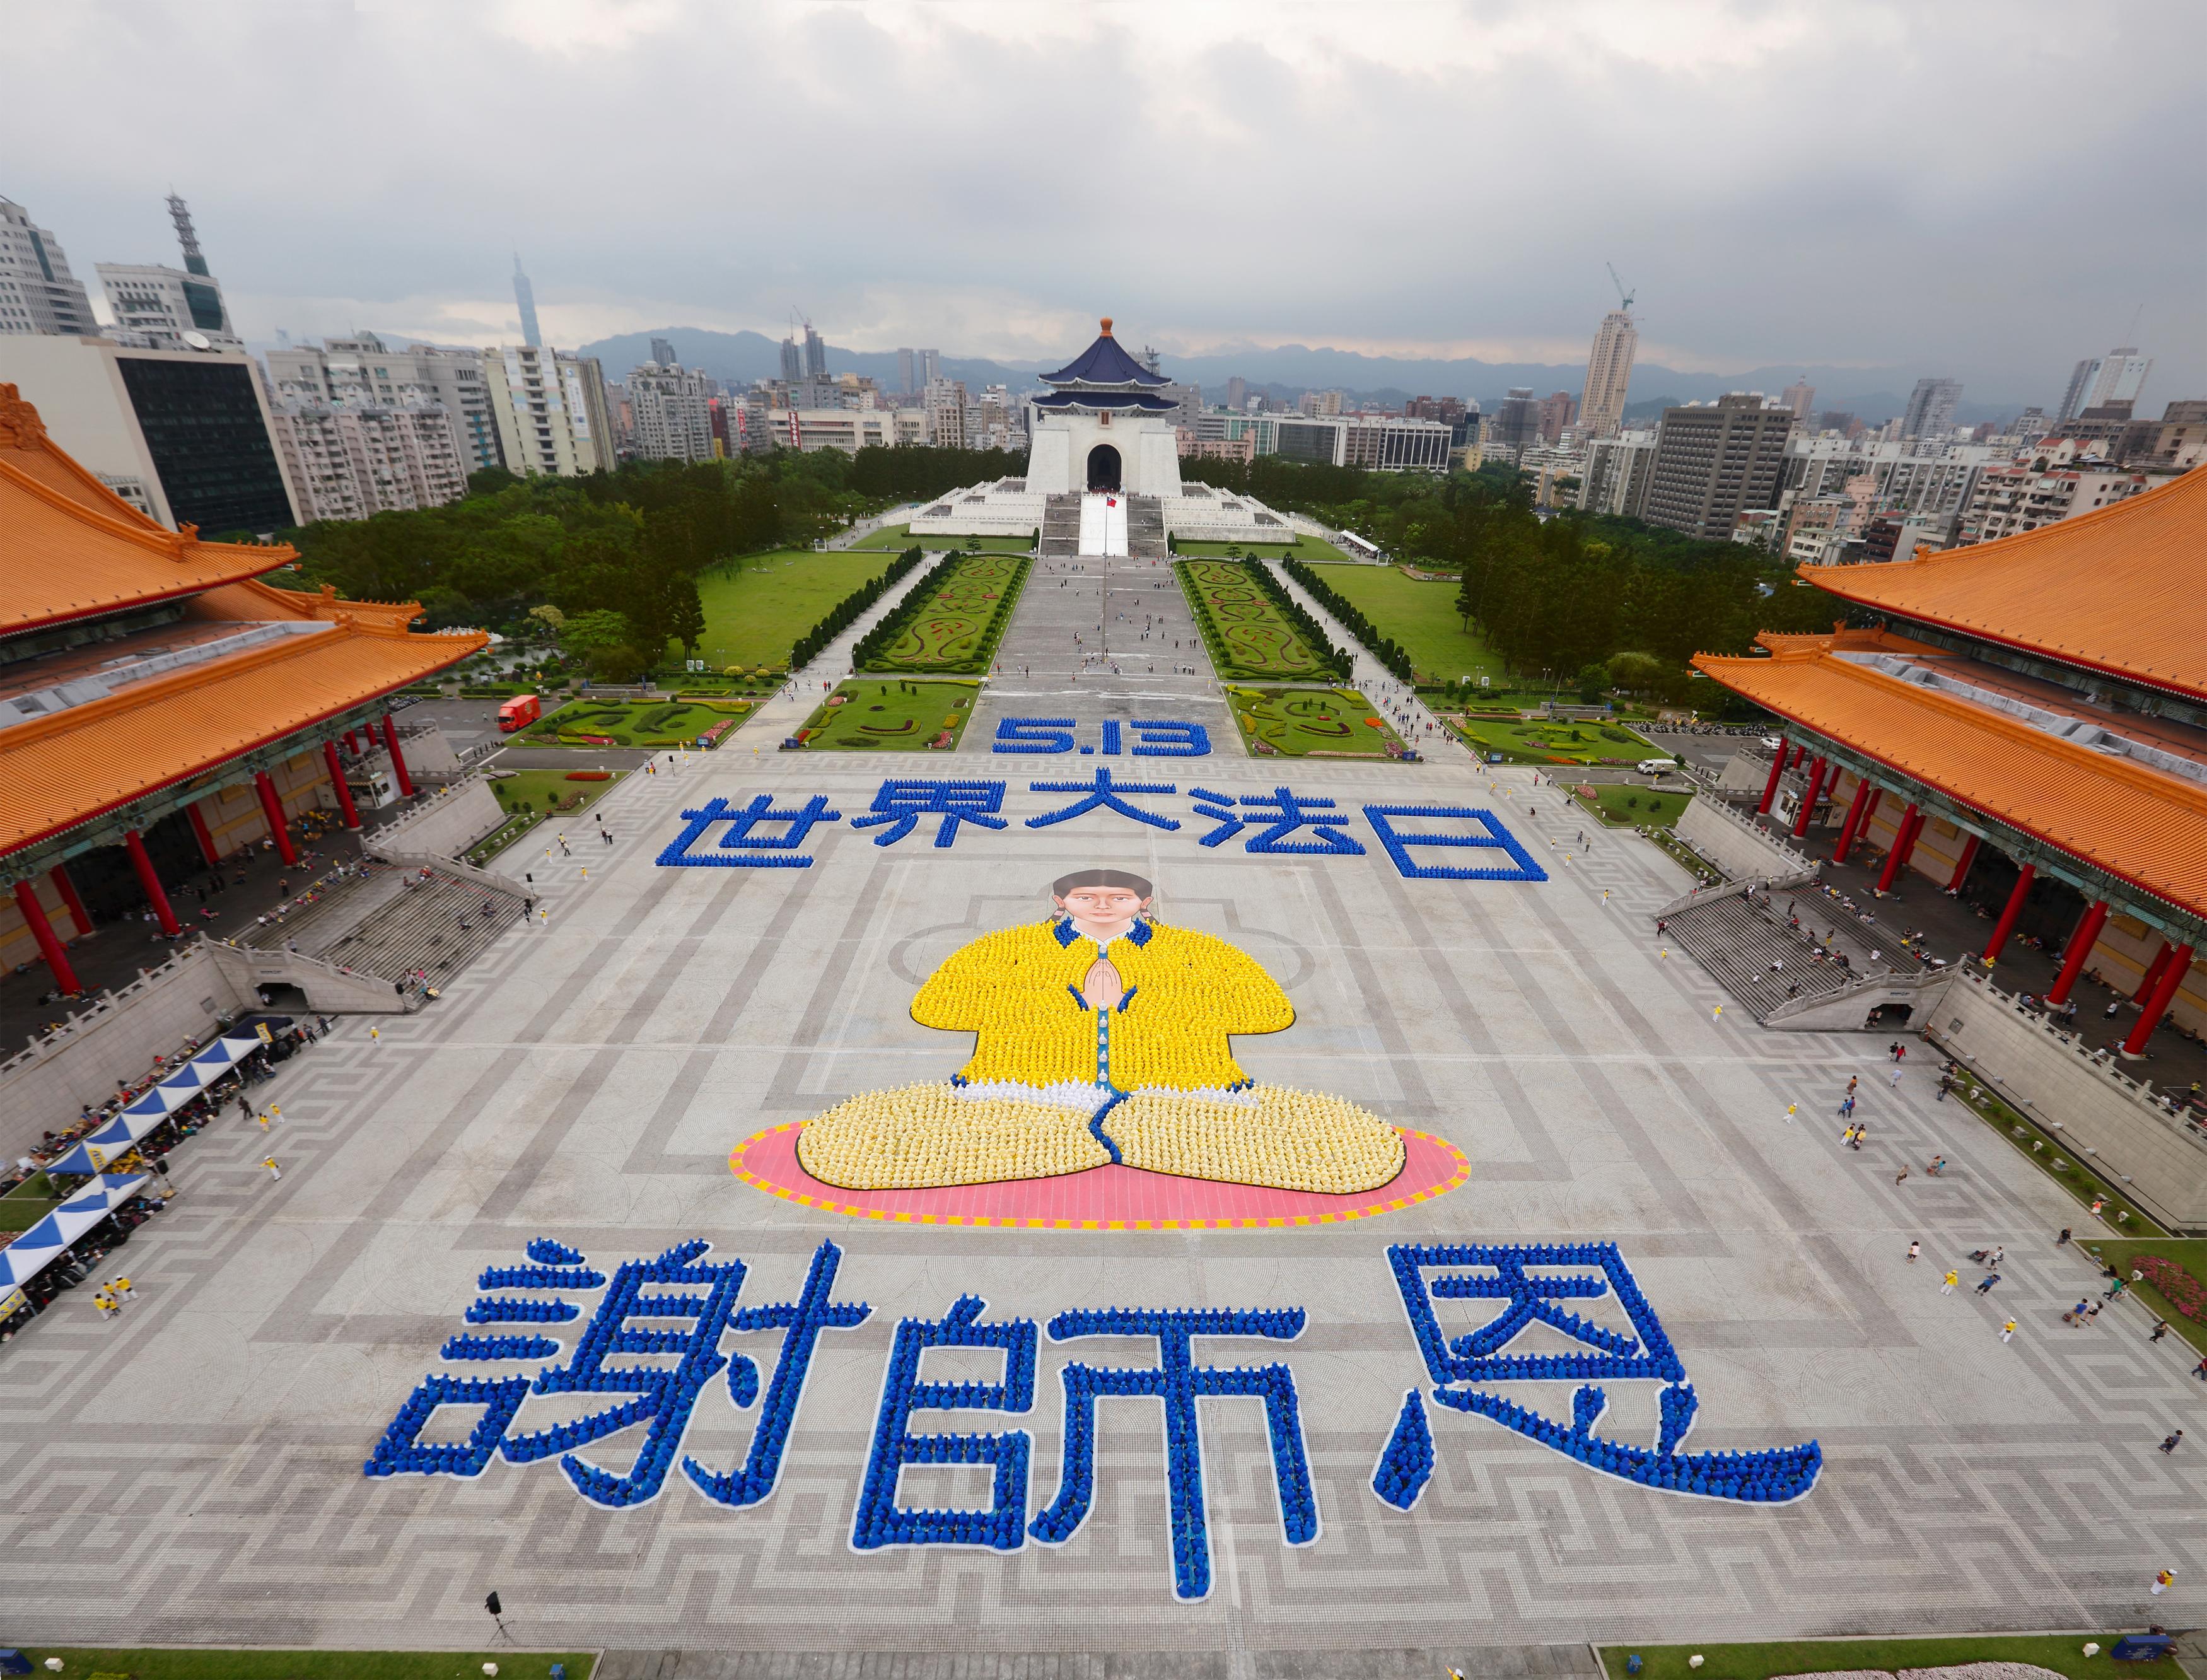 """2014年4月26日,六千名法轮功学员在台北自由广场,排出""""5.13世界大法日""""与法轮大法弟子谢师恩图象"""